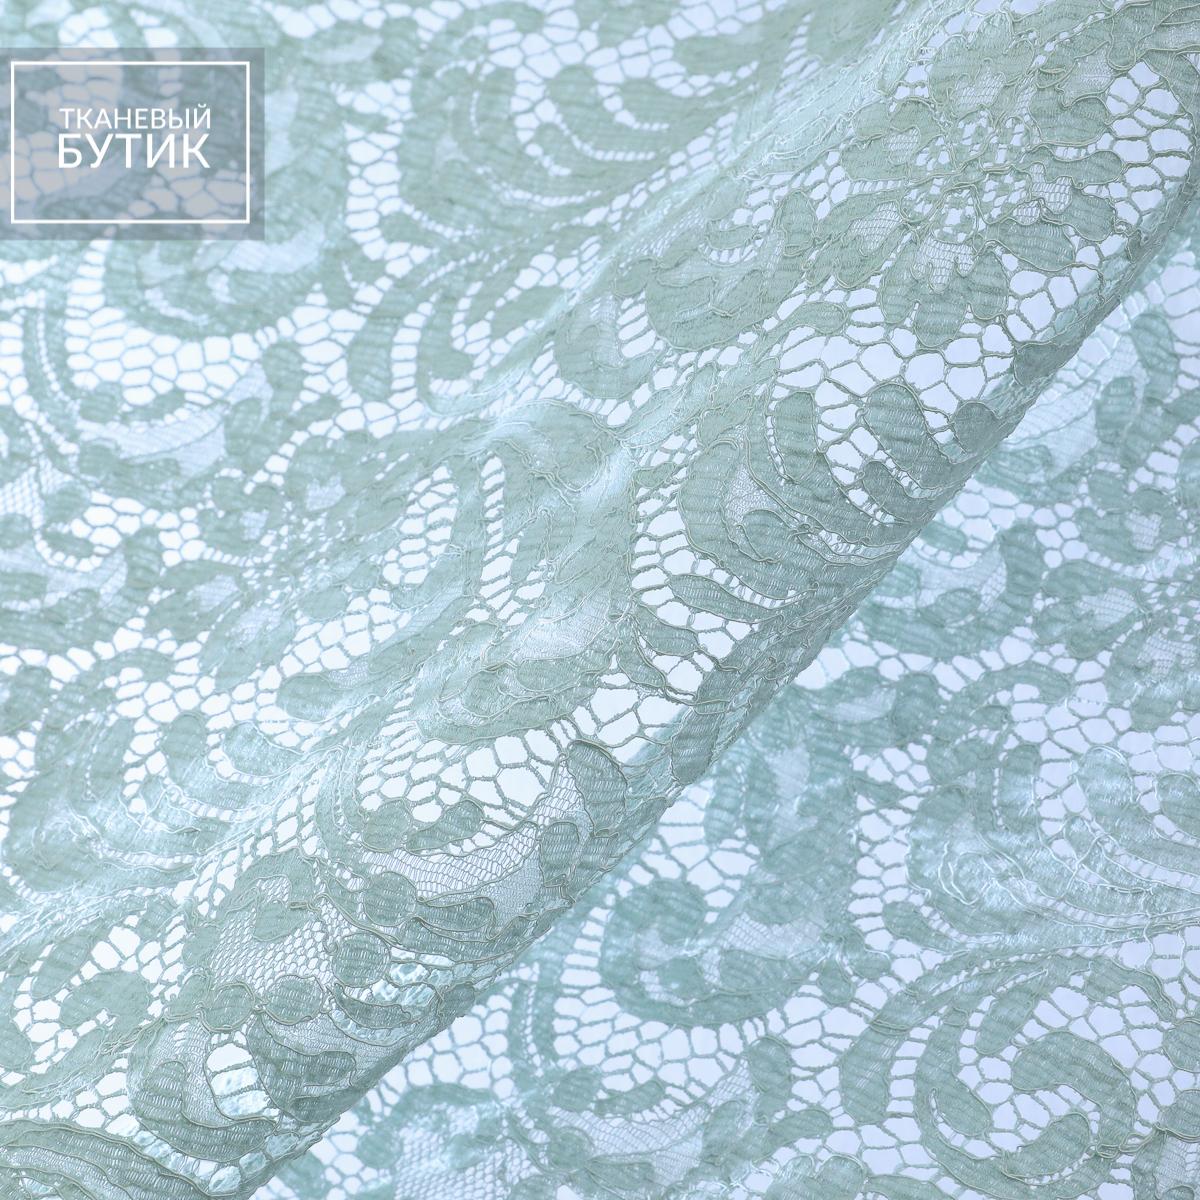 Французское кордовое кружево мятного цвета